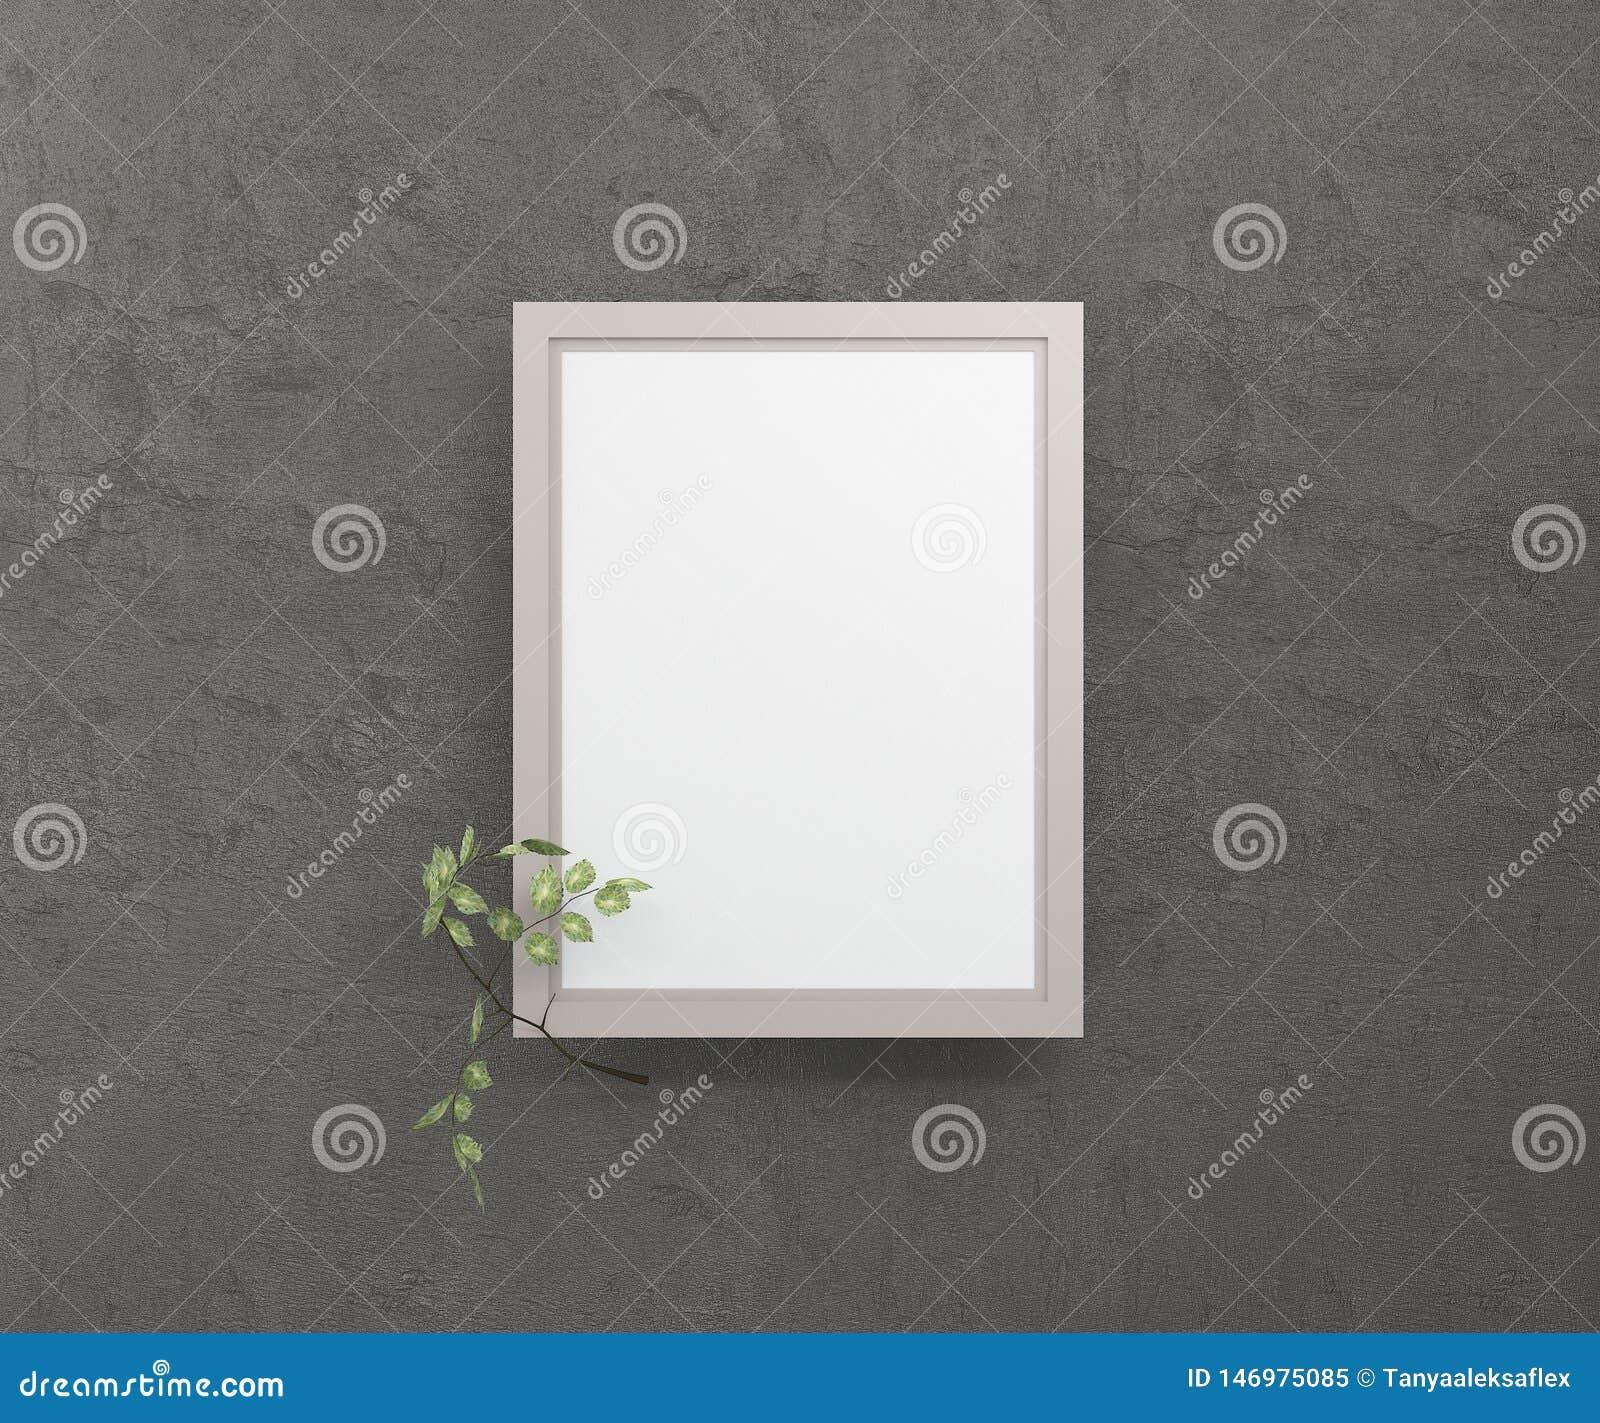 Een leeg beeld in een kader tegen een donkere muur met een berktakje het 3d teruggeven